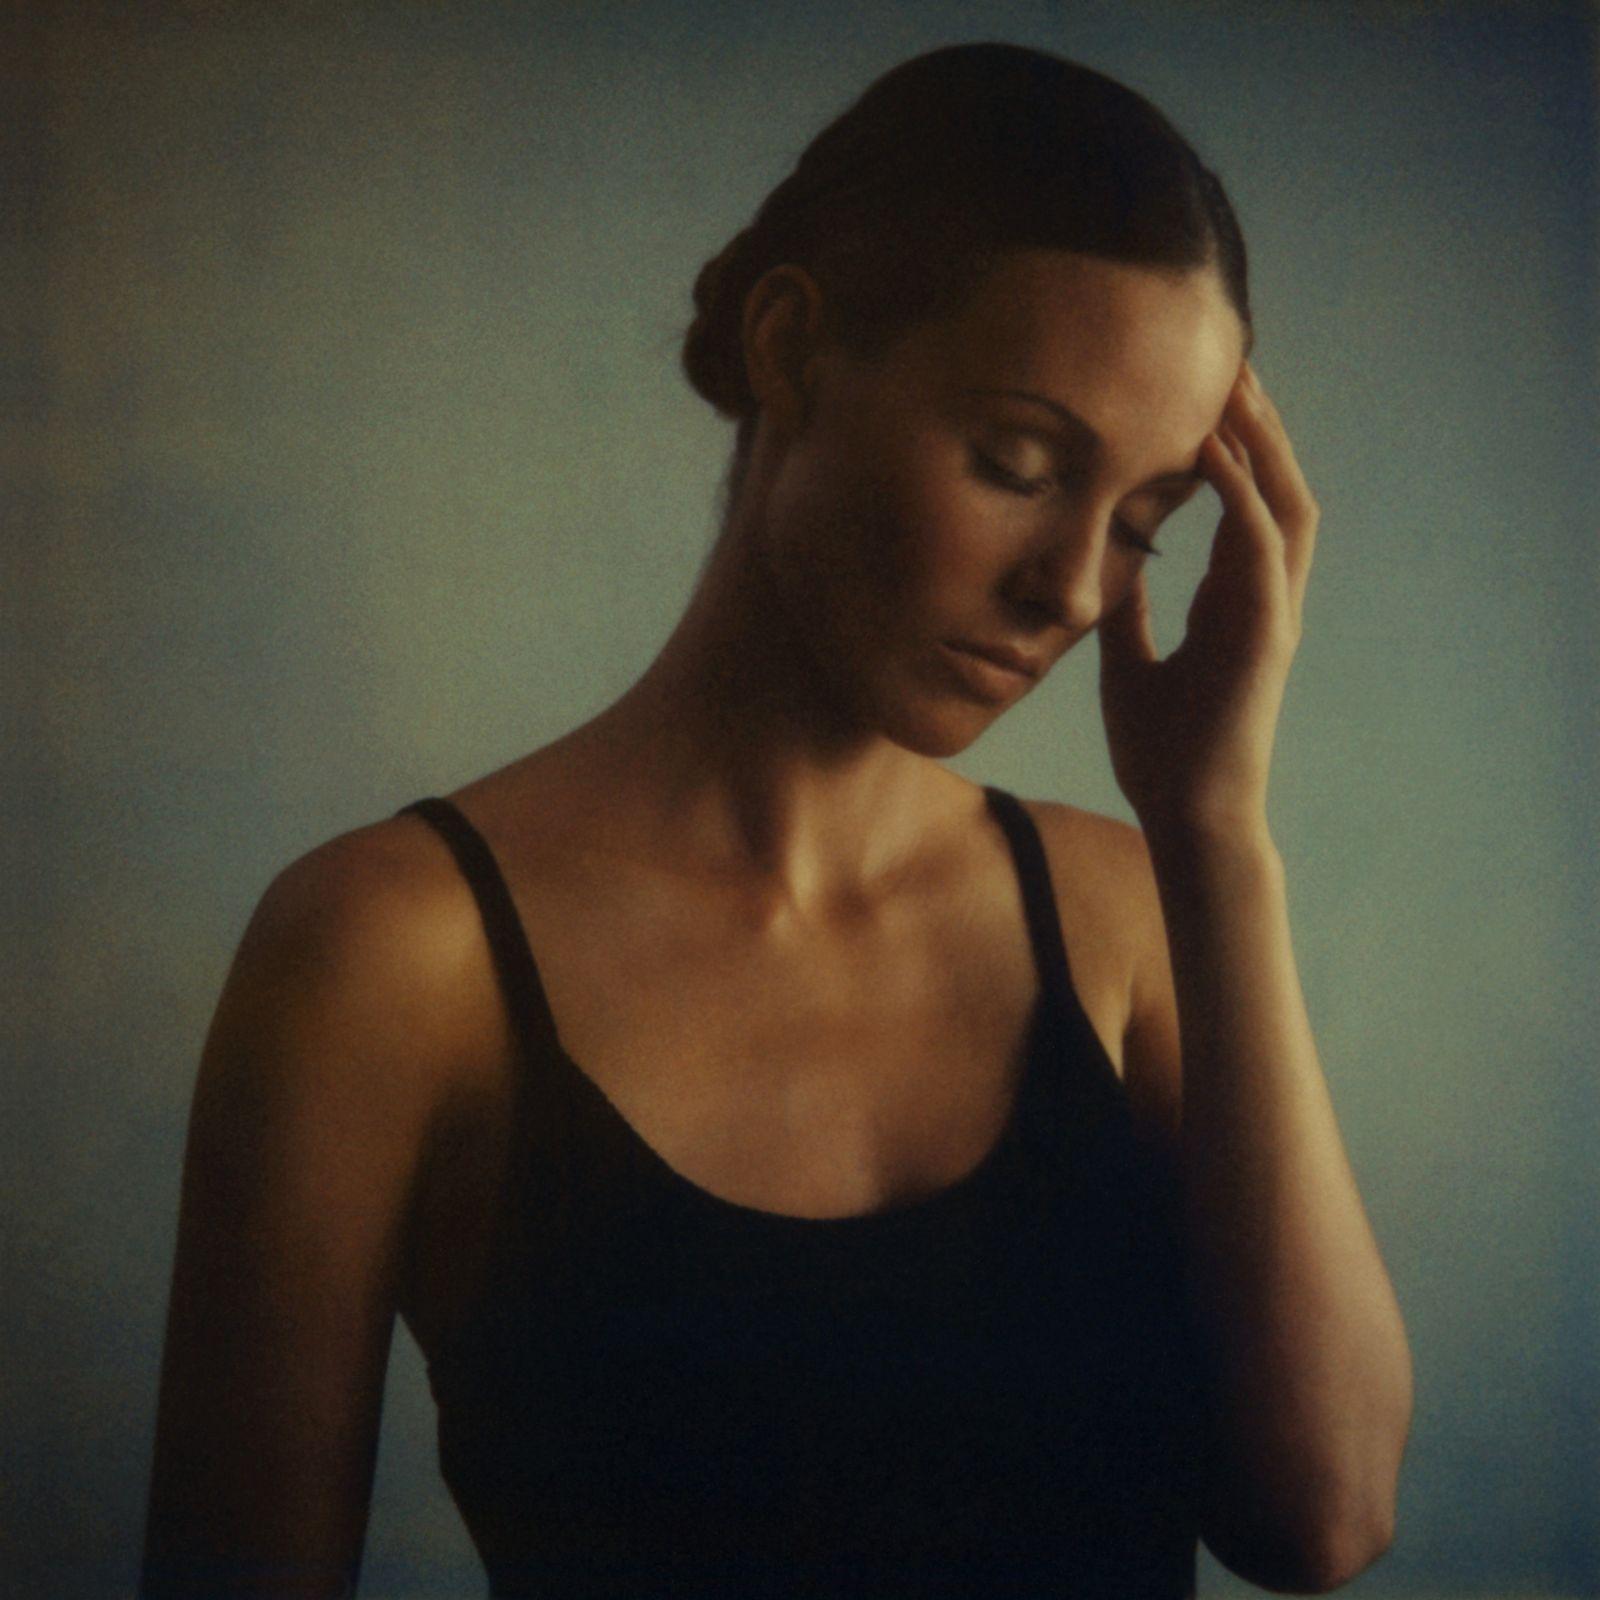 NICHT MEHR VERWENDEN! - Kopfschmerzen/ Migräne